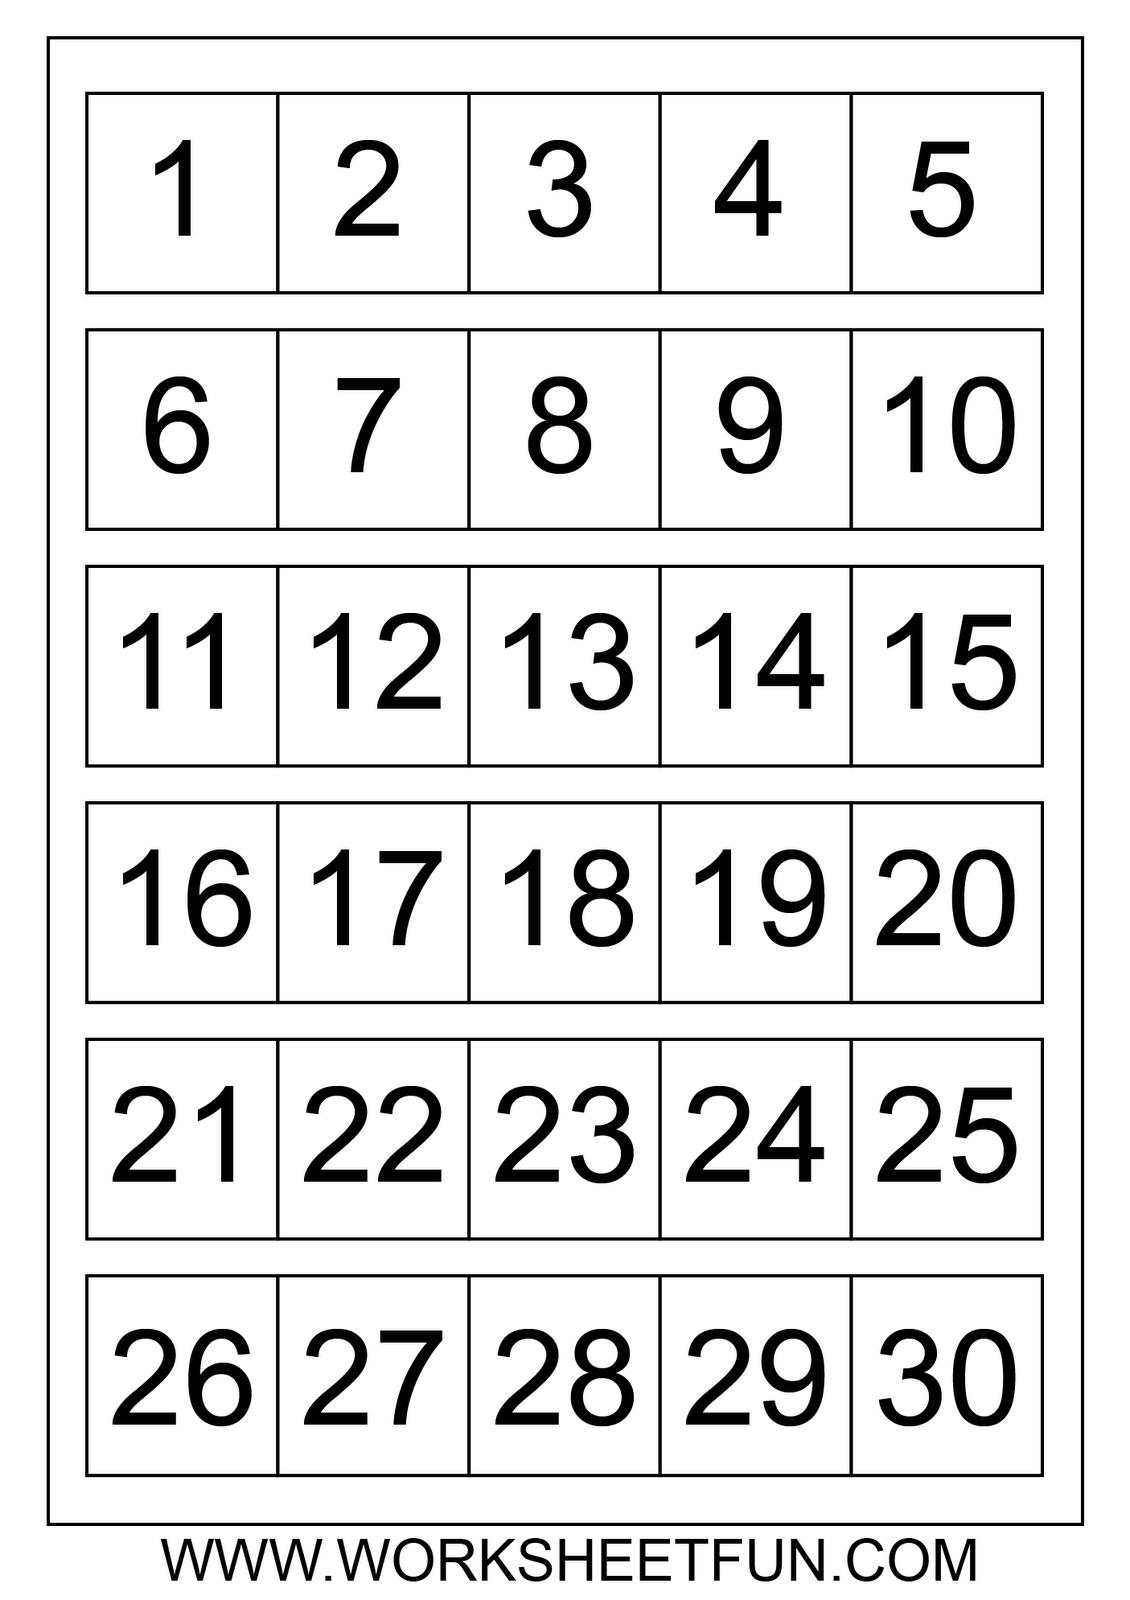 Free Printable Calendar Numbers 1 31 Pdf   Ten Free Numbers 1 To 31 Printable